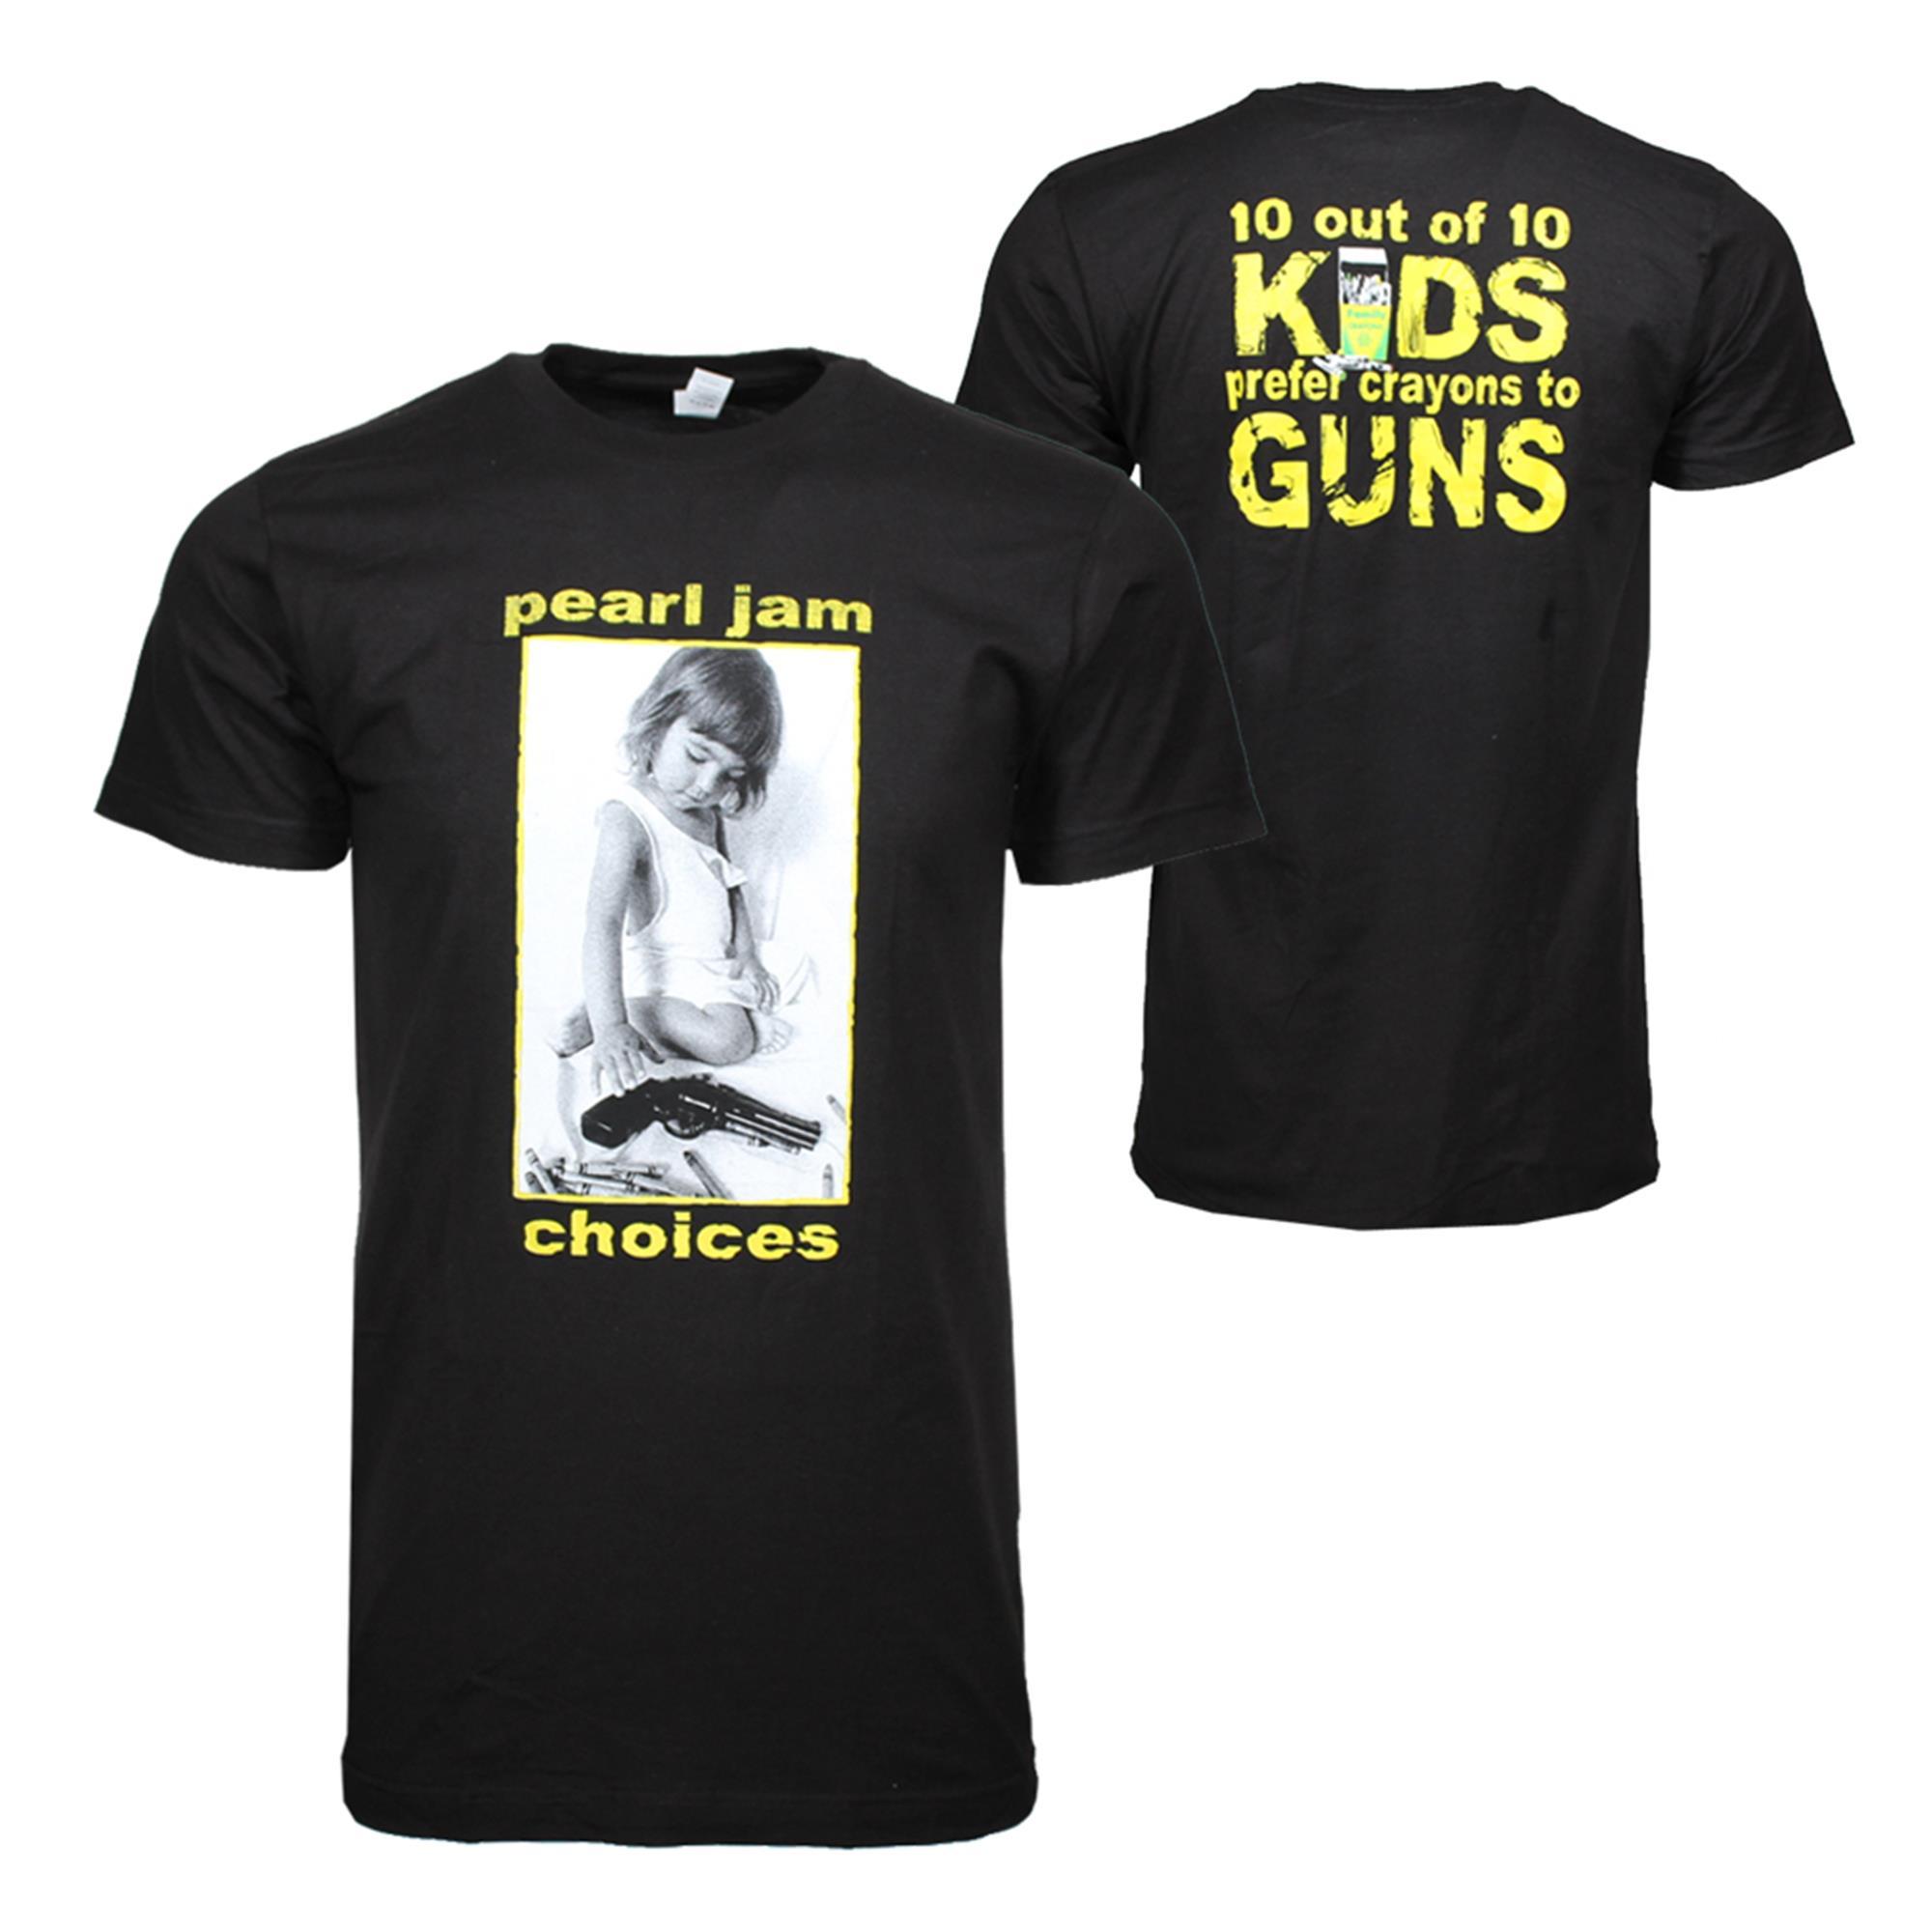 Pearl Jam Choices T-Shirt